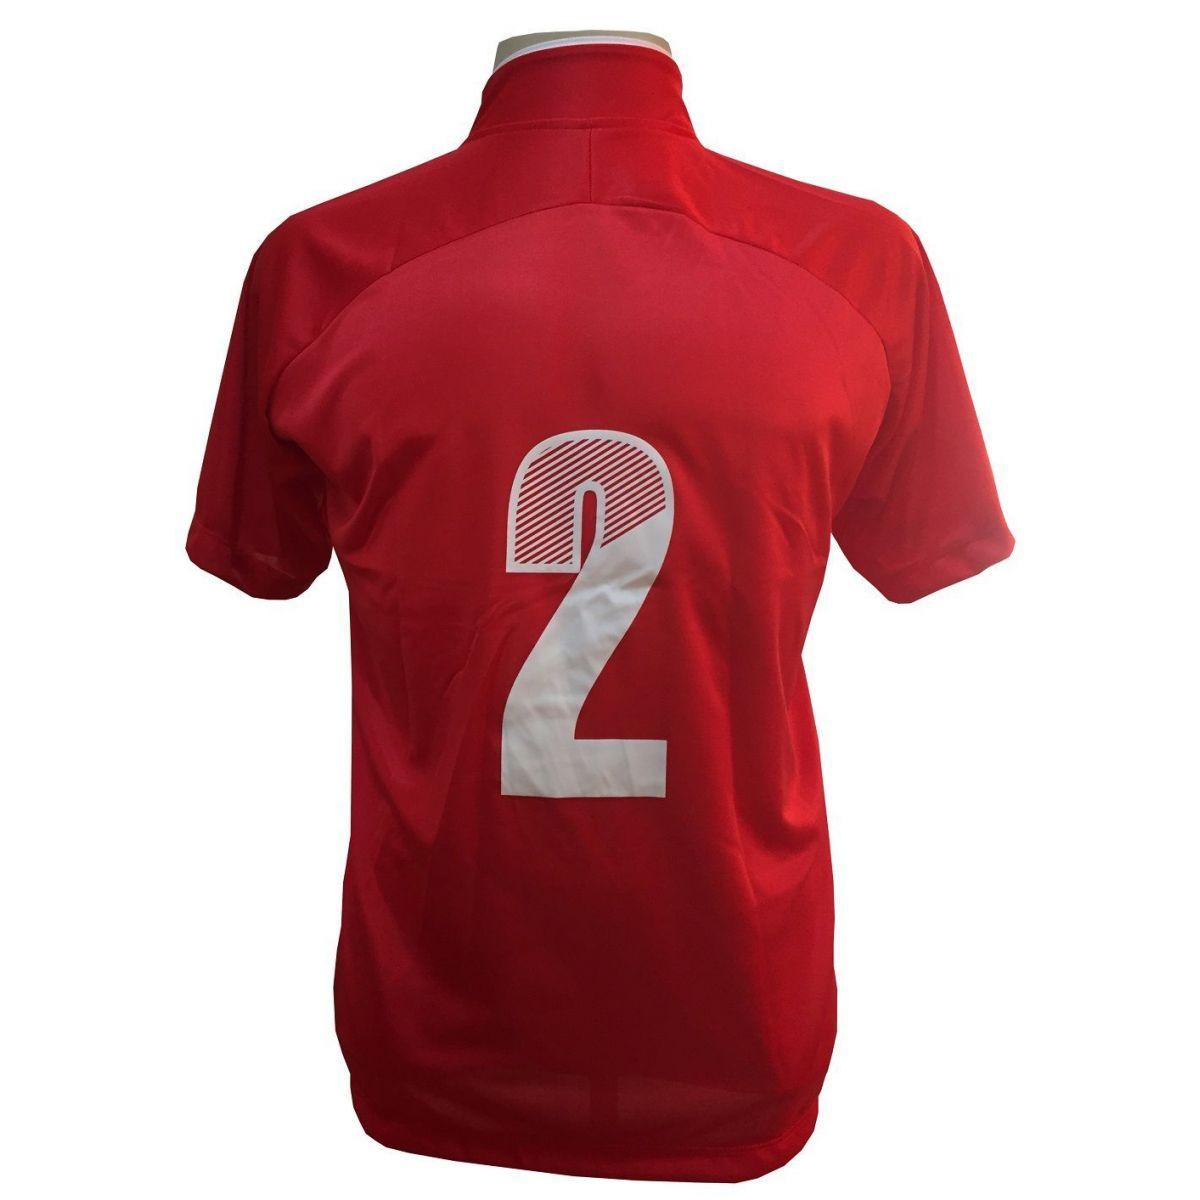 Jogo de Camisa com 12 unidades modelo City Vermelho/Branco